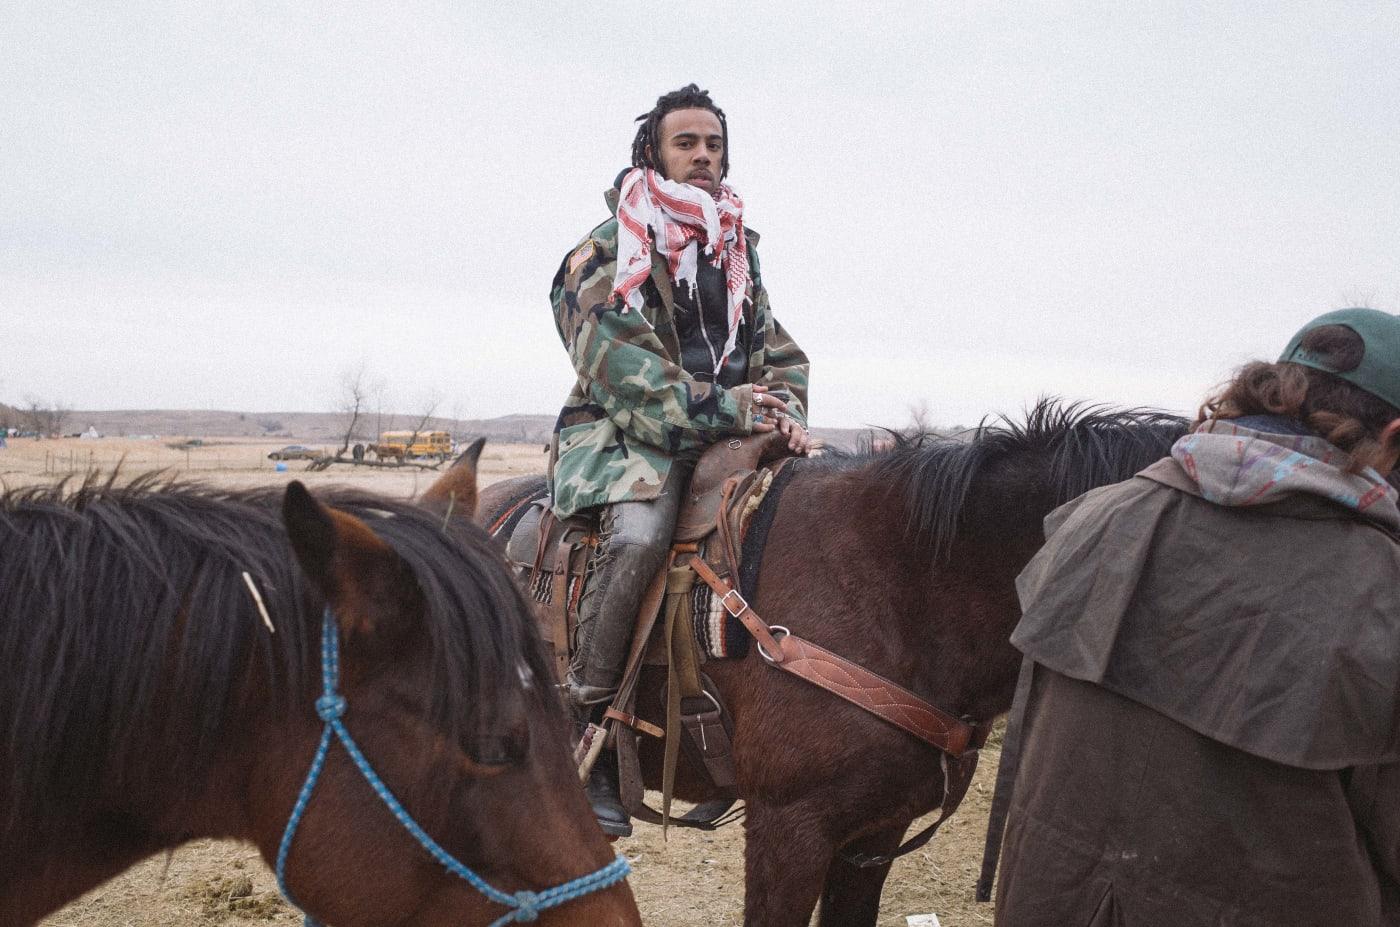 Vic Mensa at Standing Rock